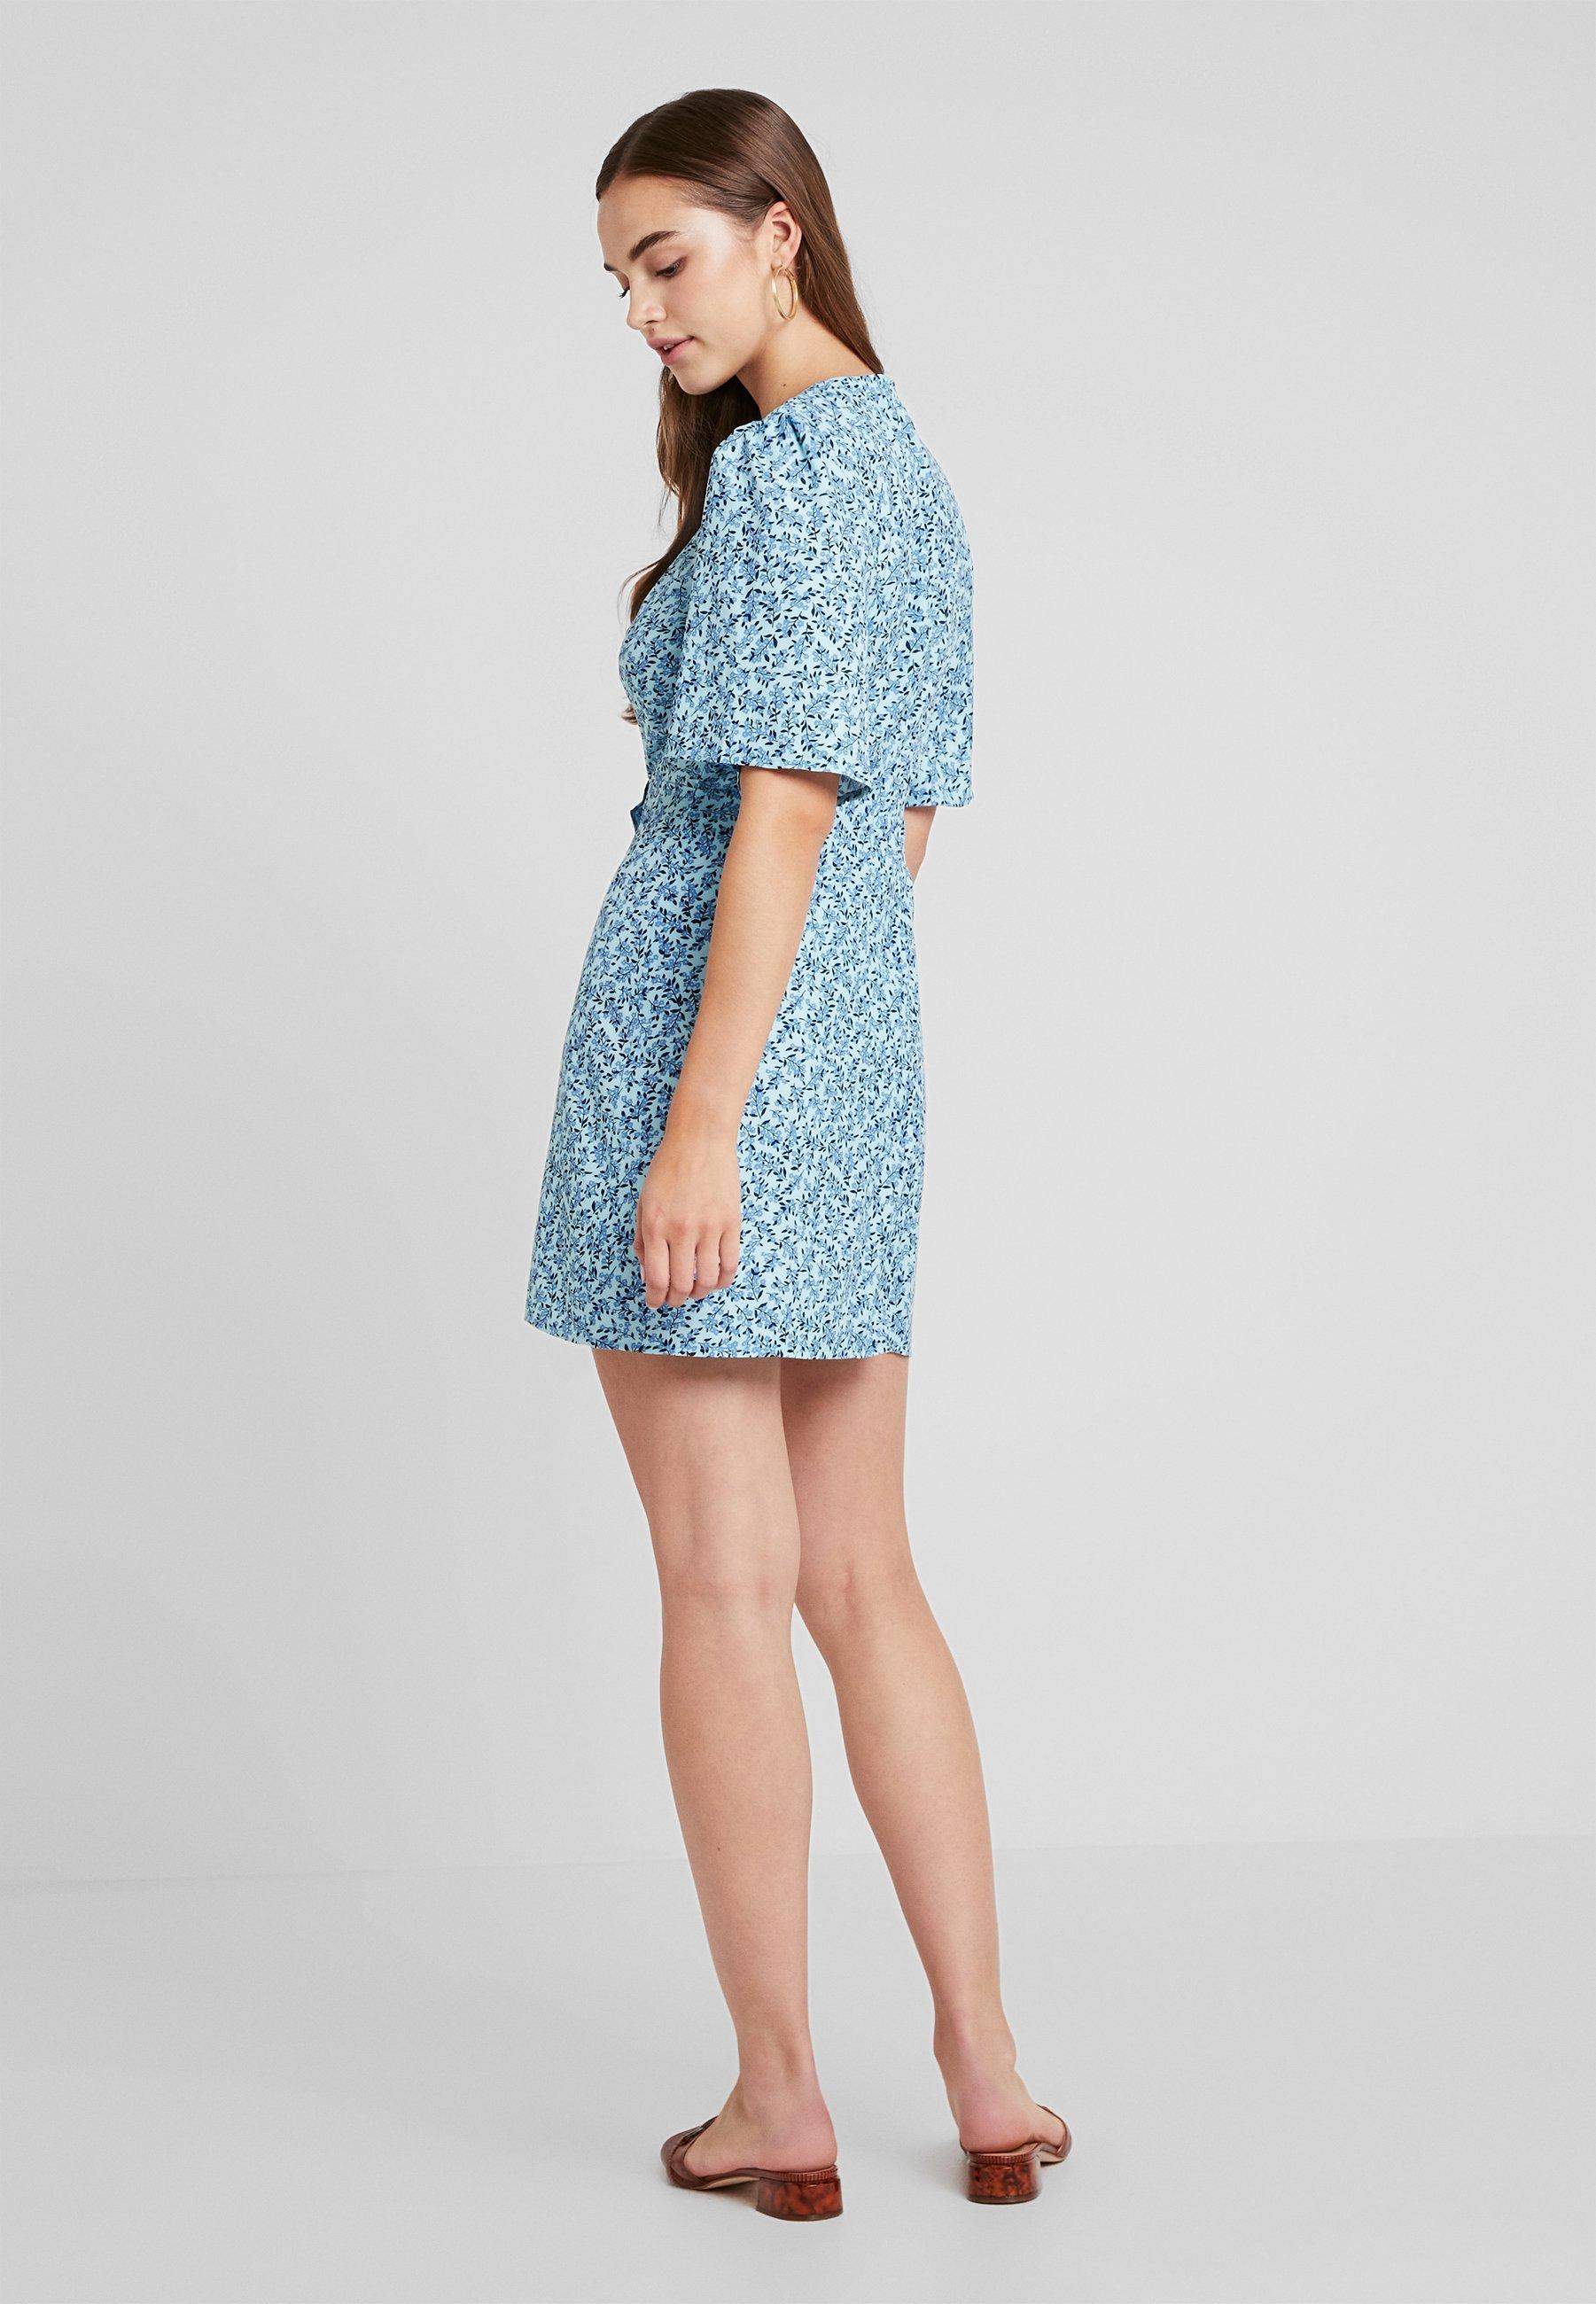 D'été DateRobe Exclusive Blue Fashion Union rBCdoxe